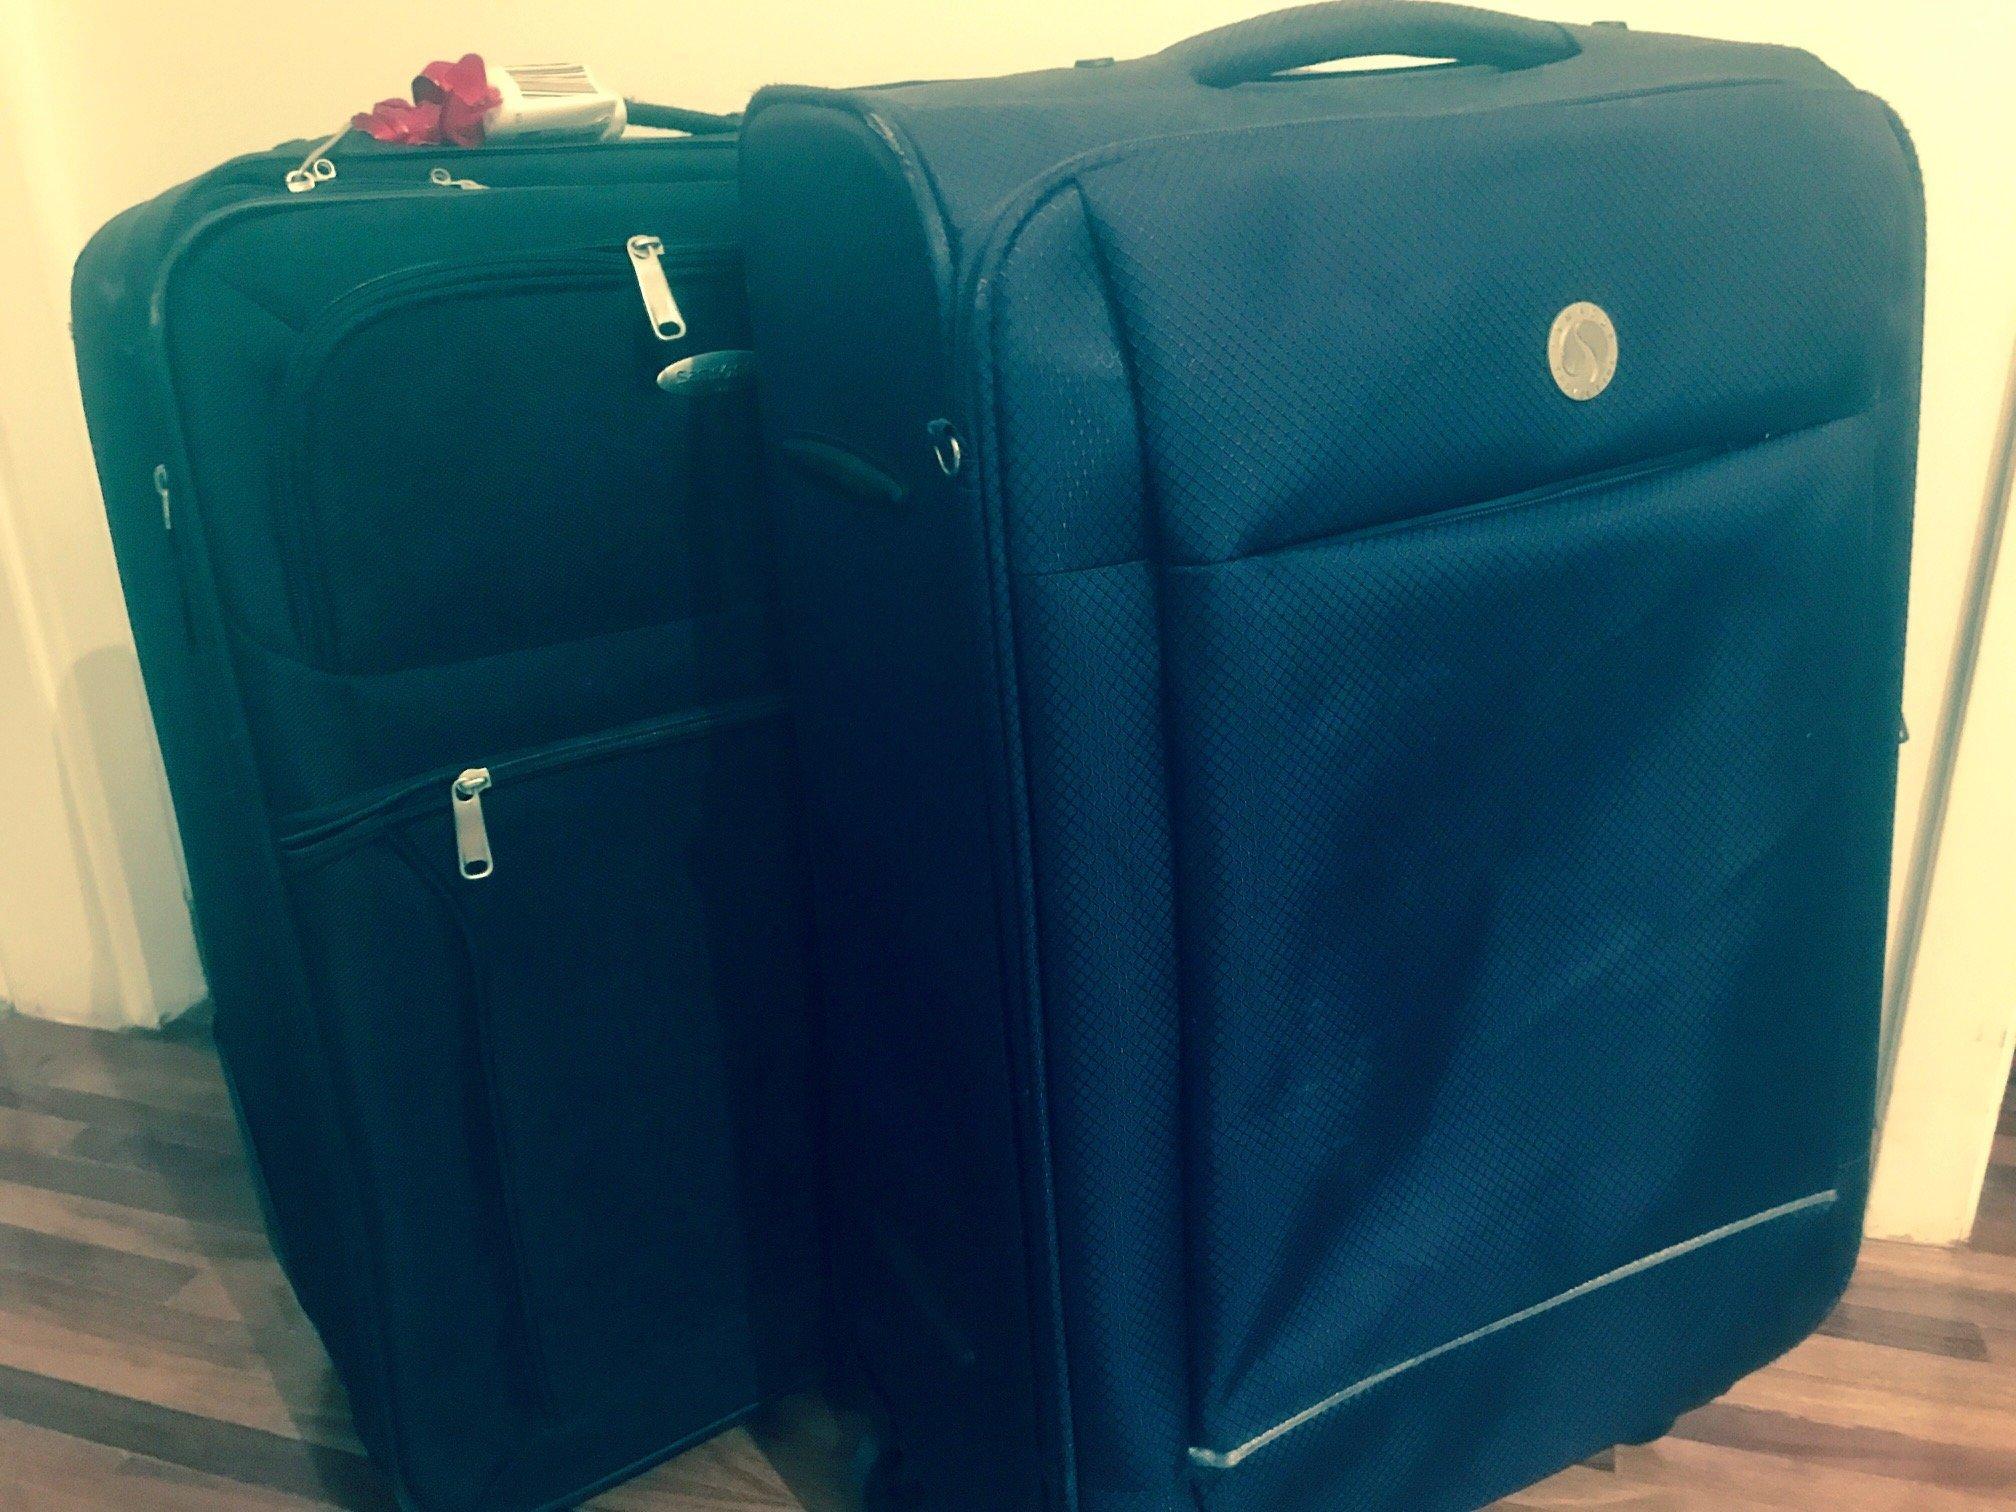 segurança extra na mala despachada